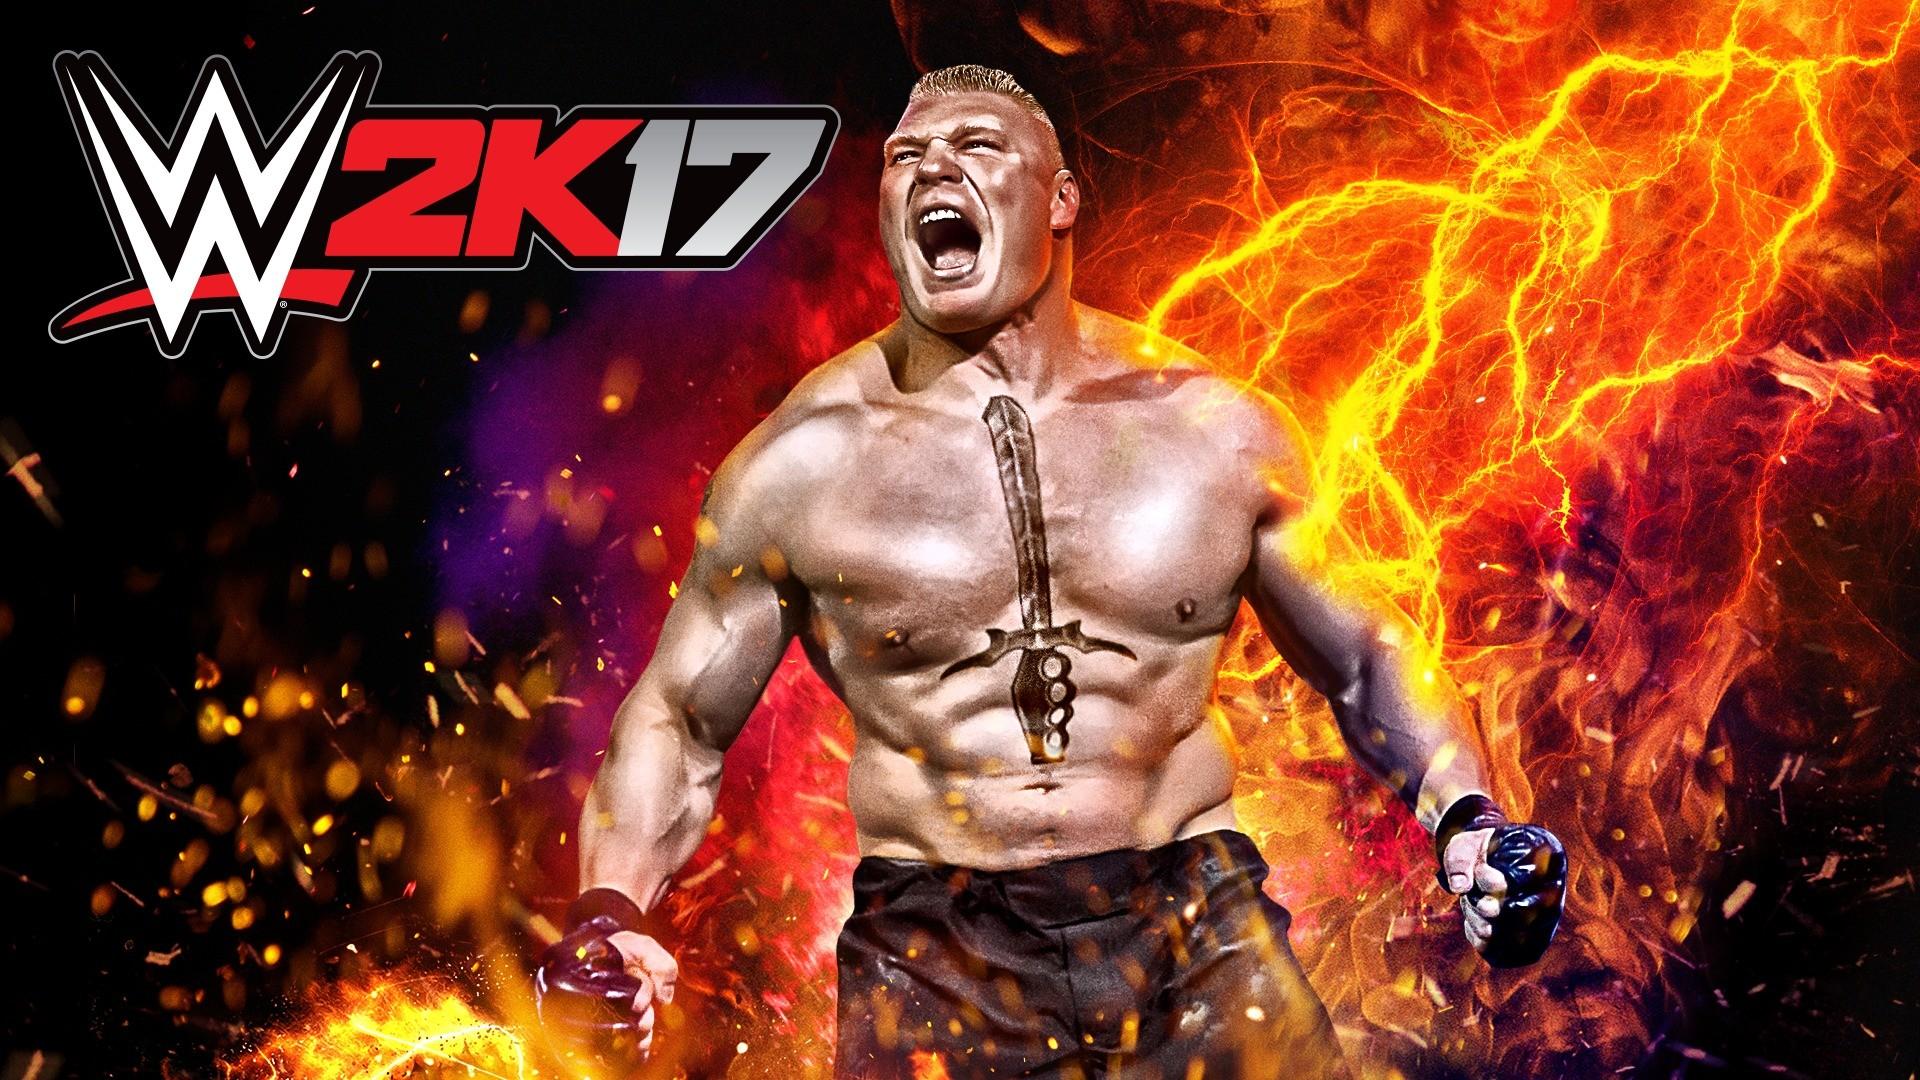 WWE 2K17 Brock Lesnar Wallpaper (Cover Art)